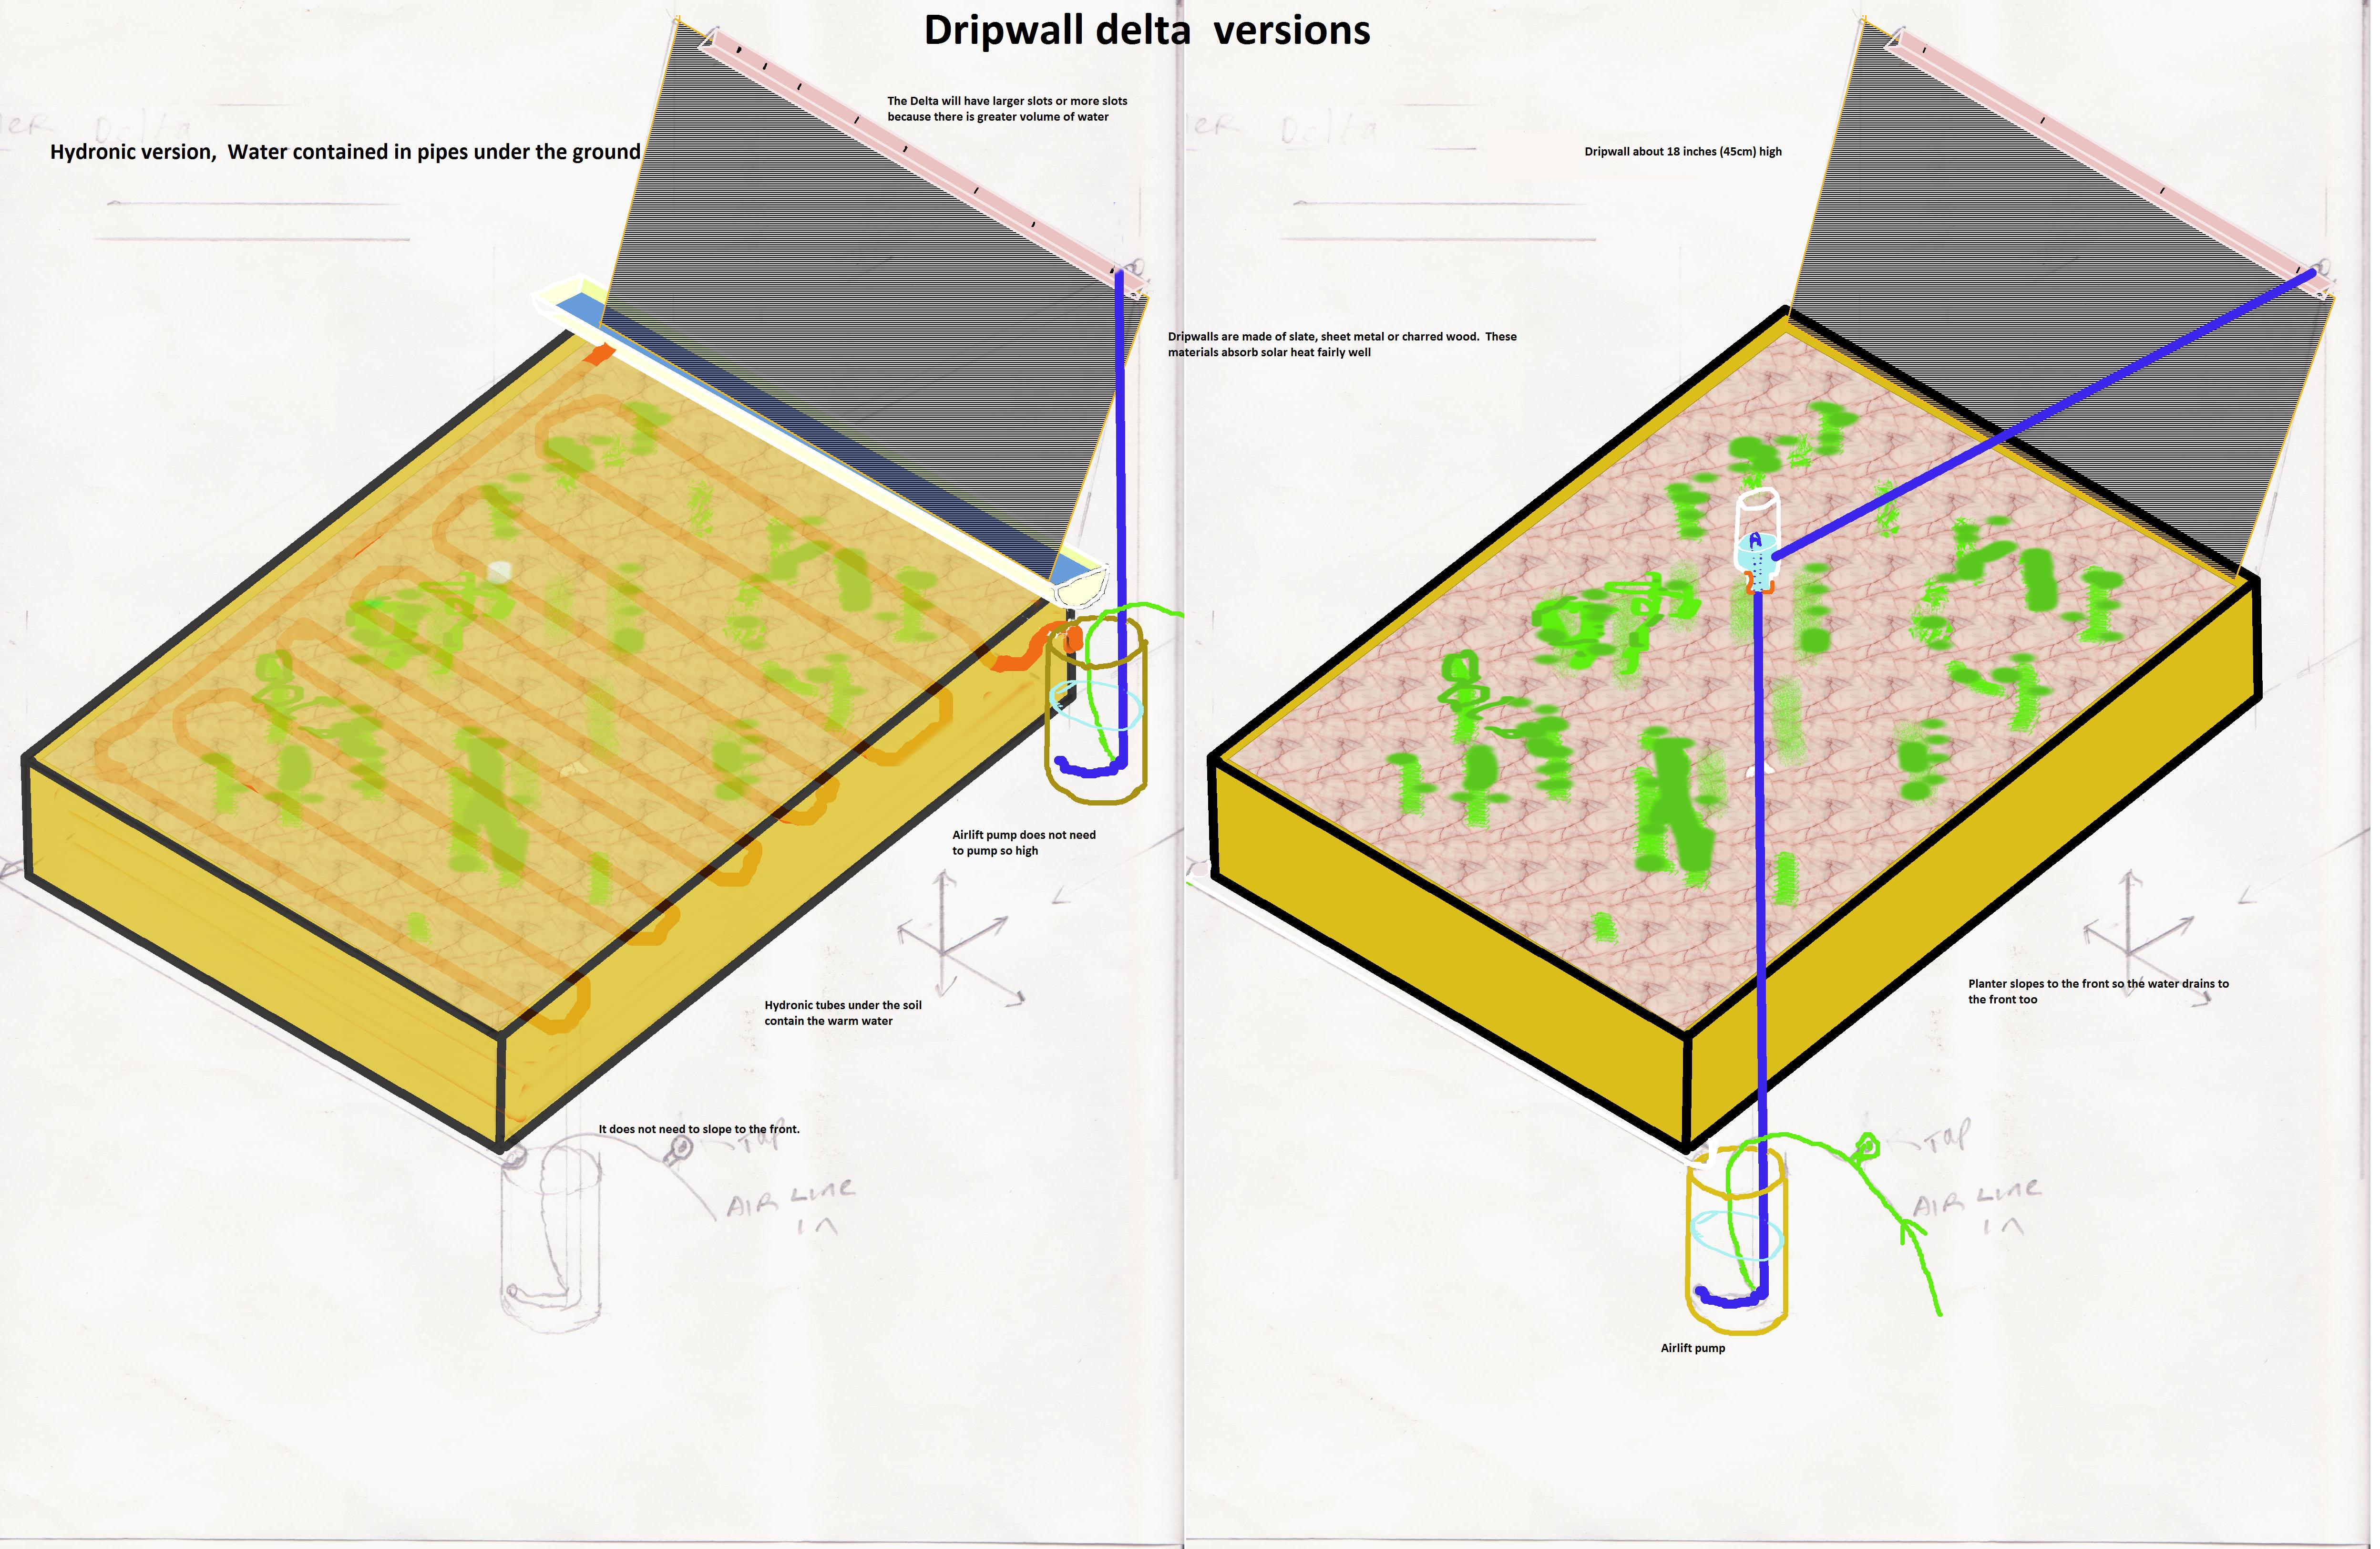 Dripwall Delta